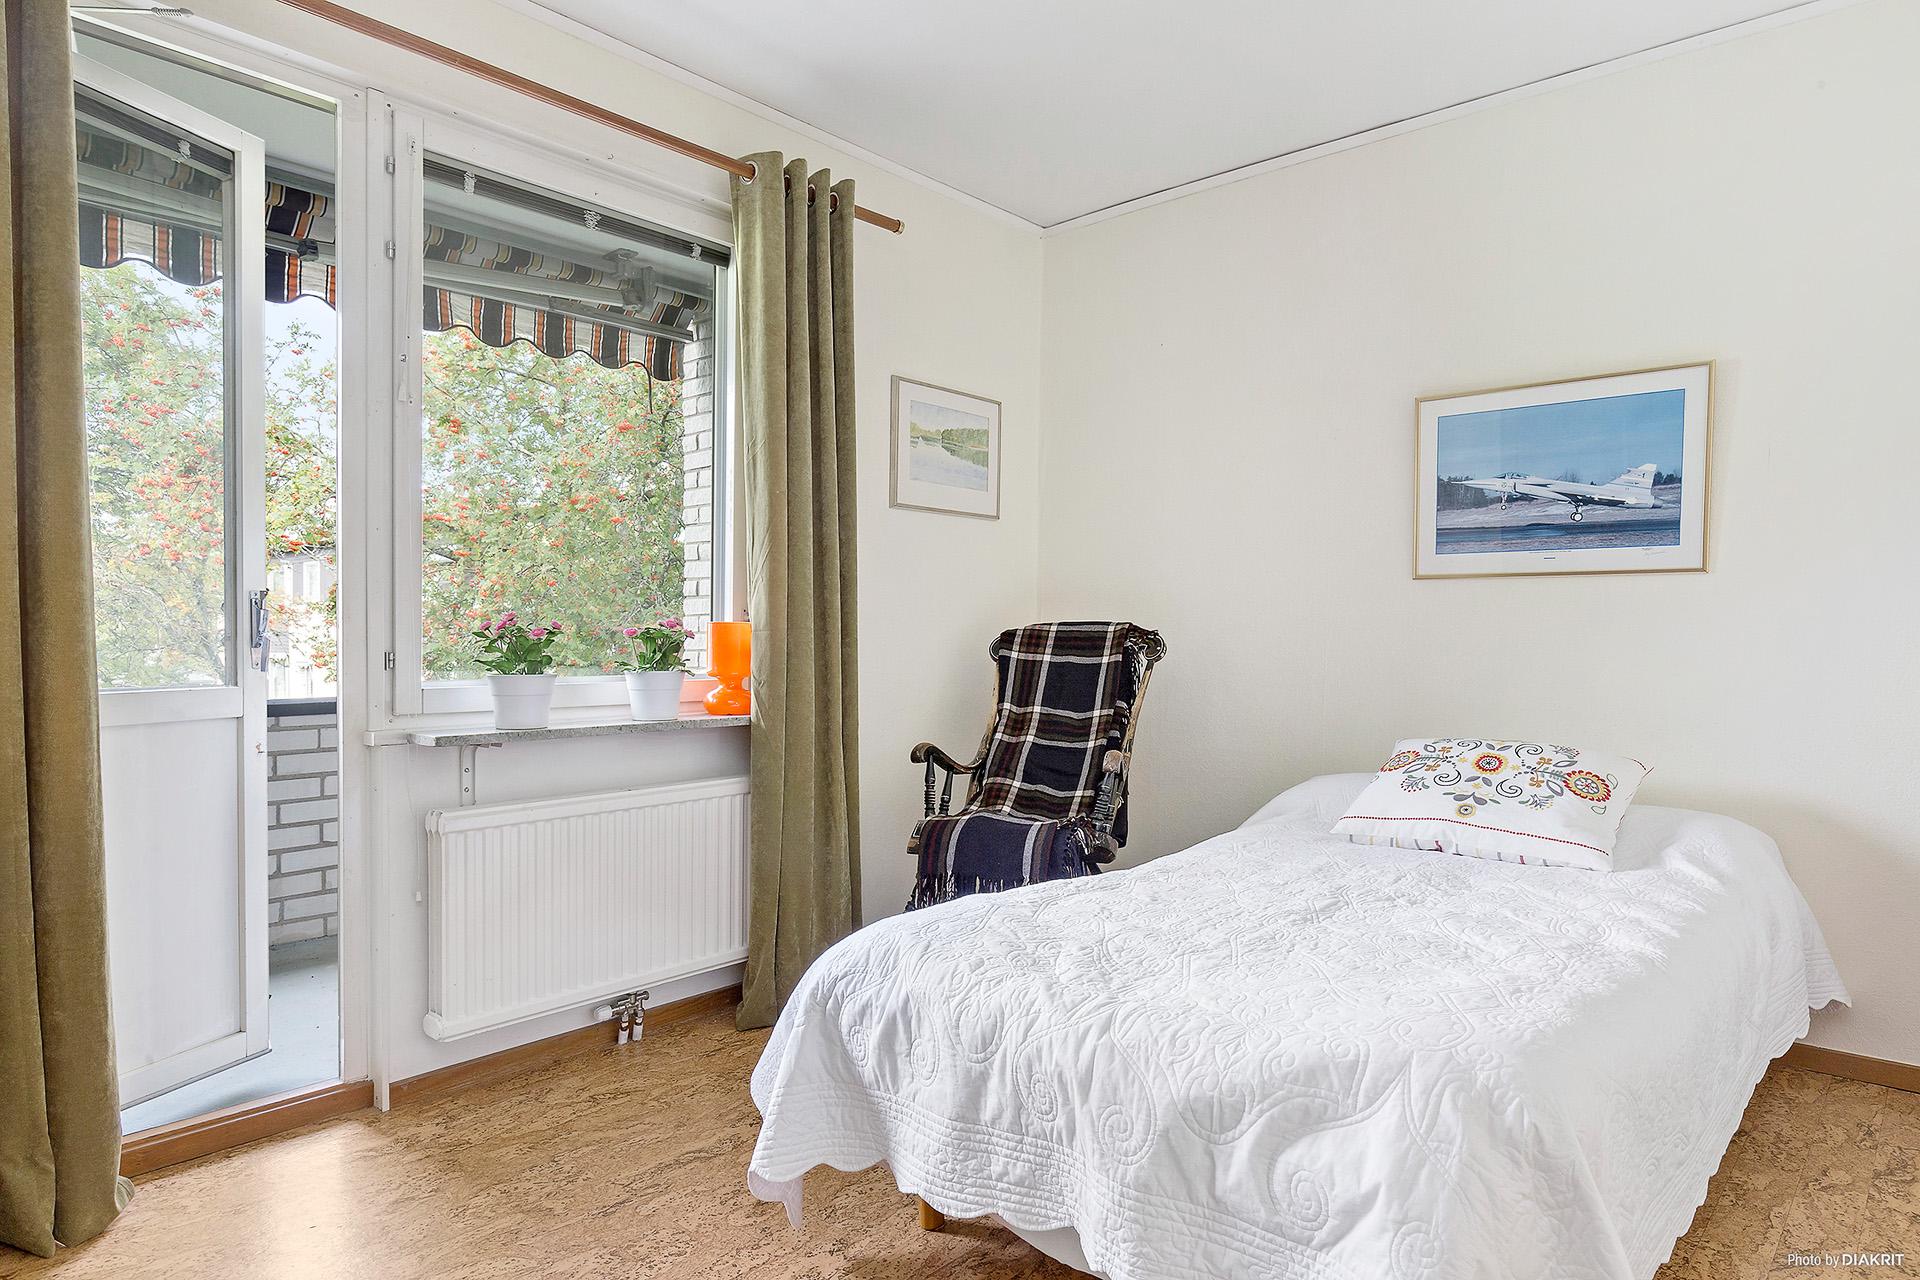 Sovrum med utgång till balkong